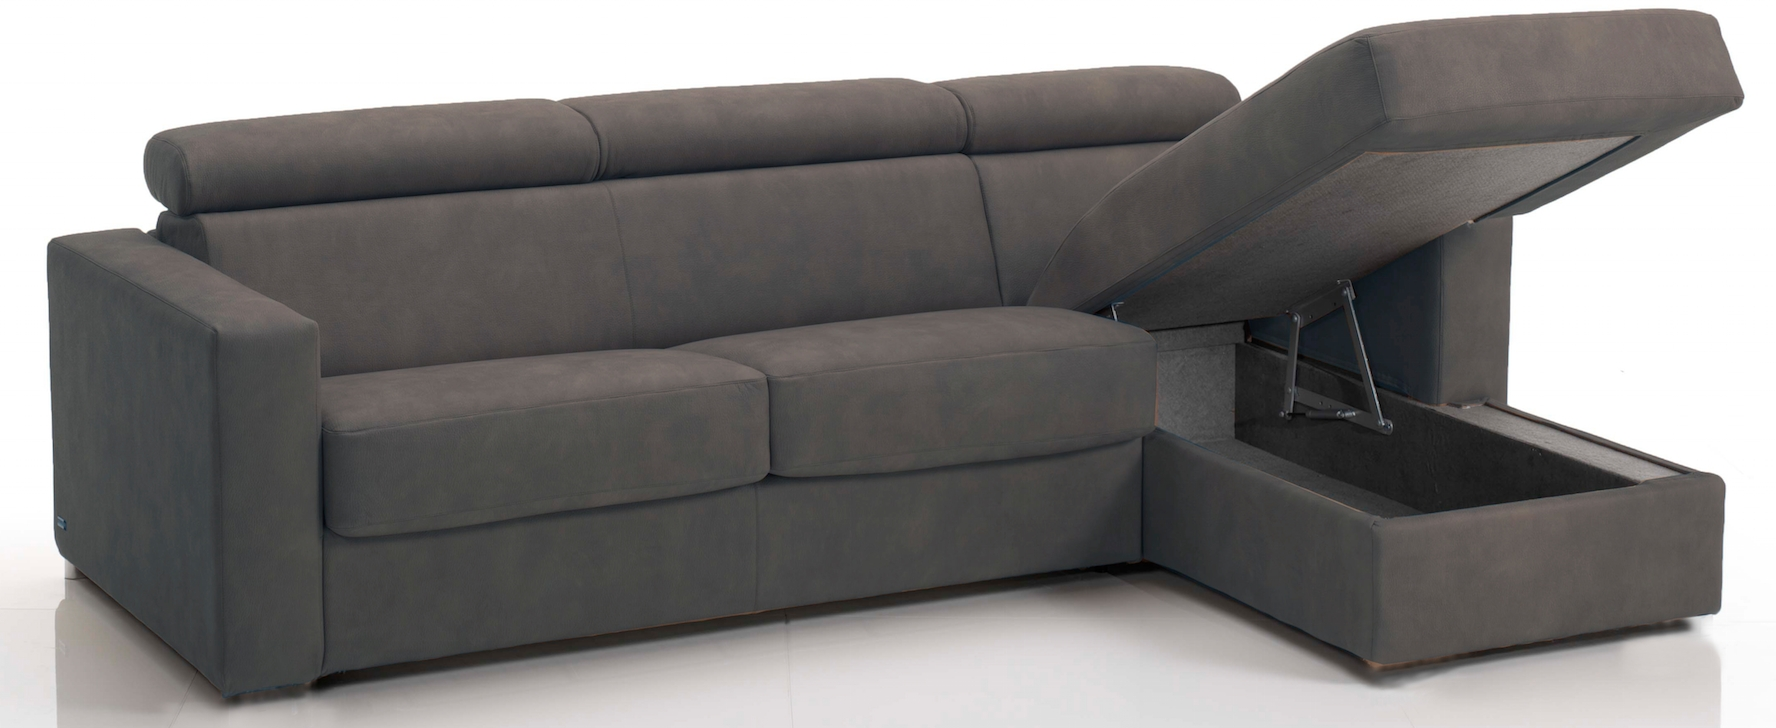 canap d 39 angle convertible avec t ti res rev tement tissu gris fonc lova. Black Bedroom Furniture Sets. Home Design Ideas